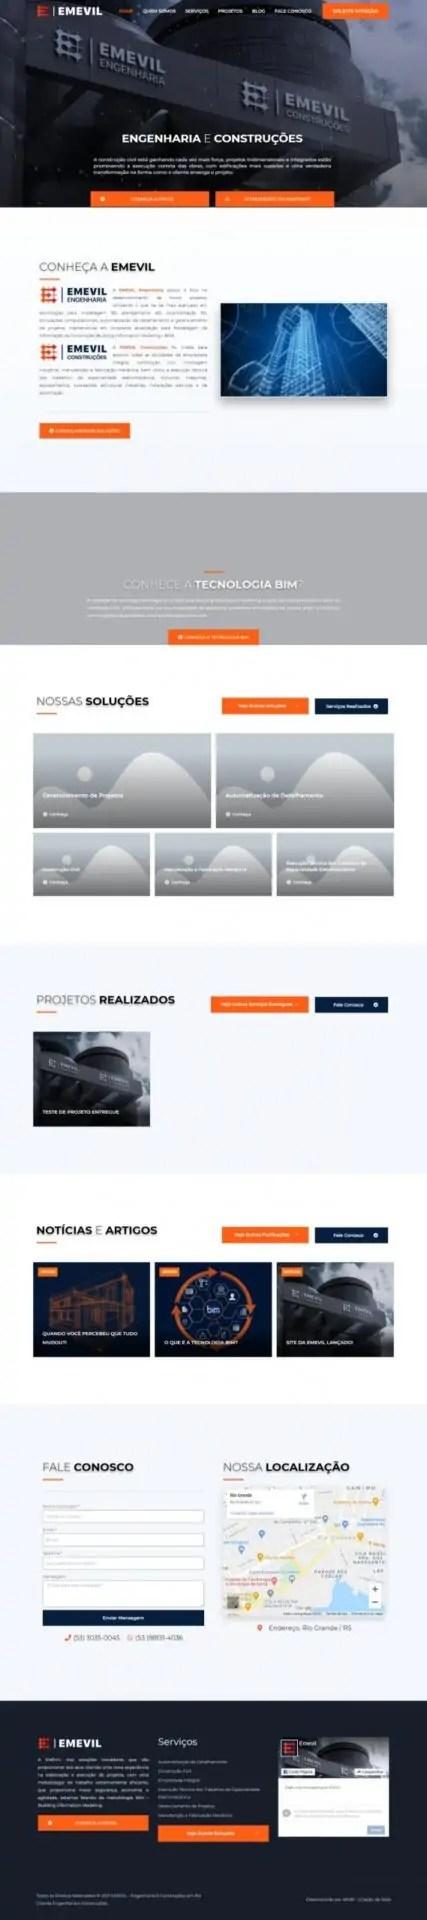 Captura da Web_1-2-2021_15547_www.emevil.com.br